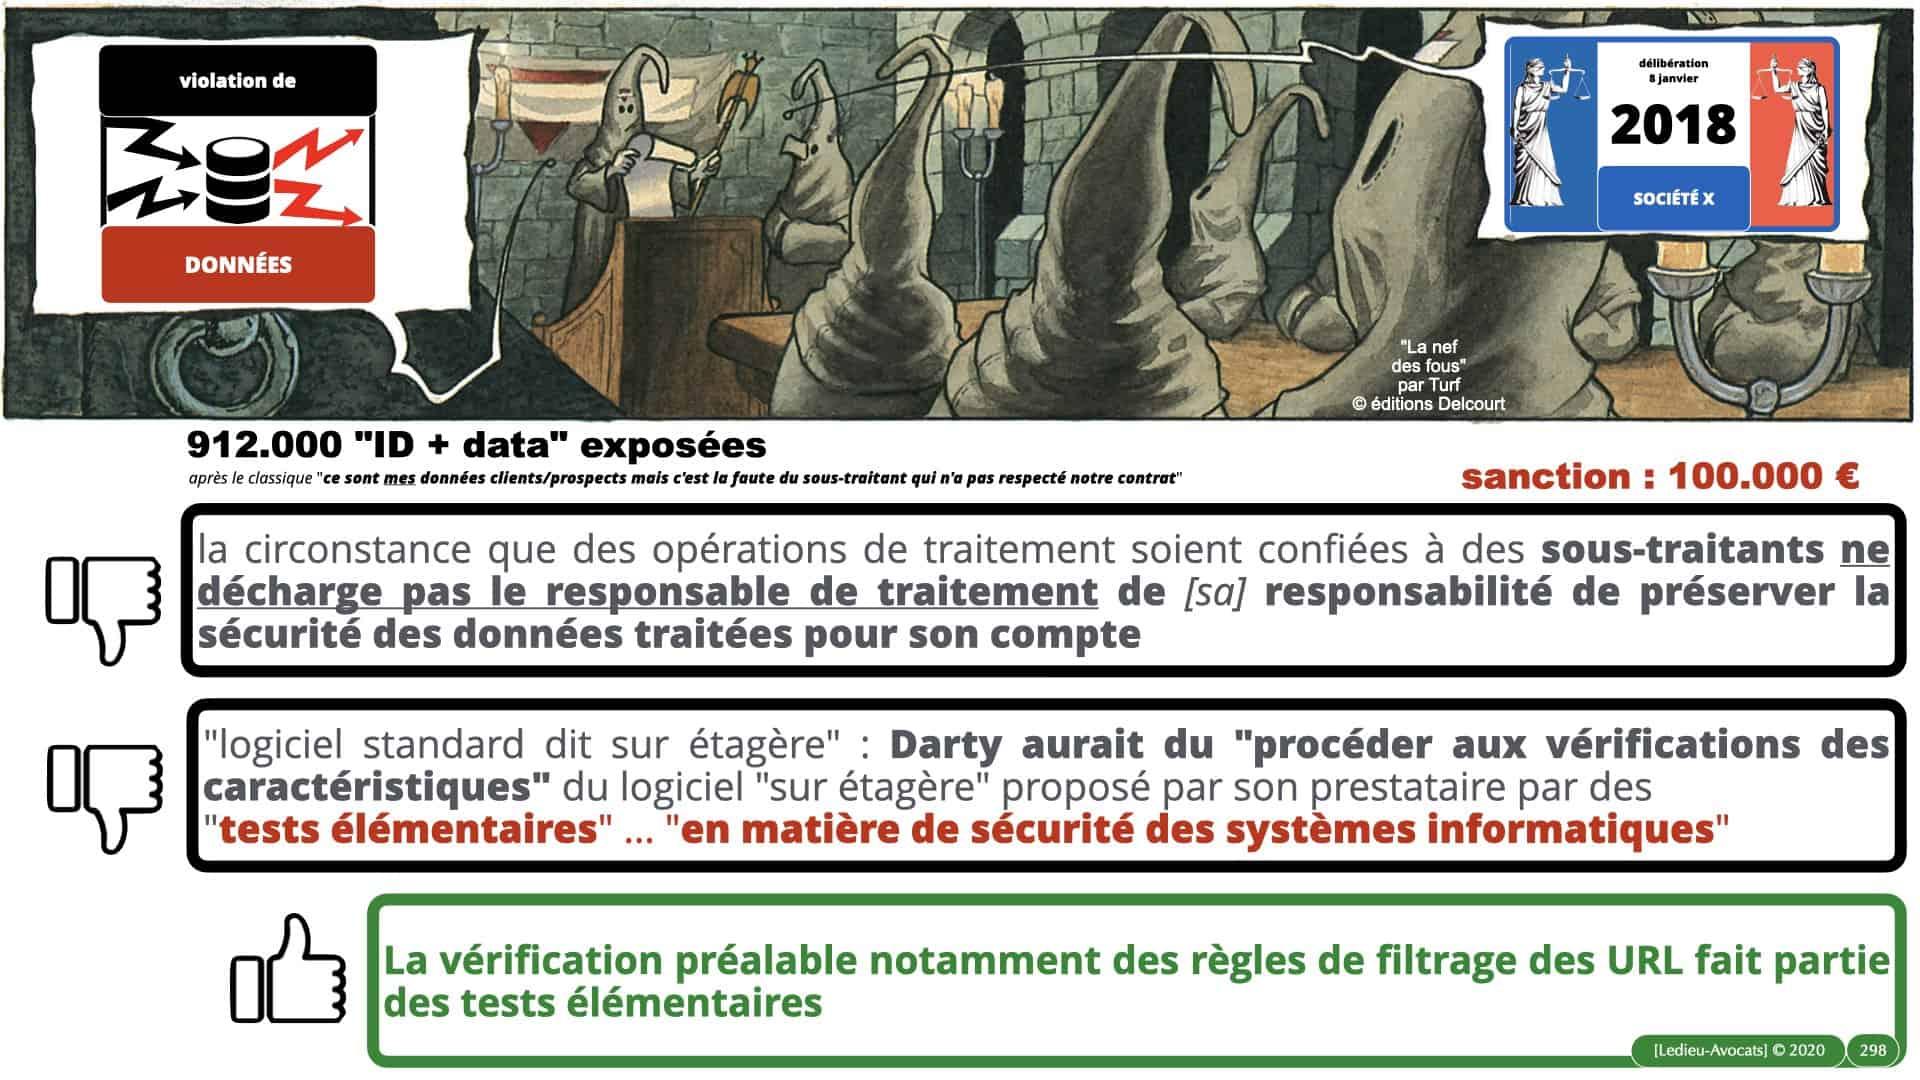 RGPD e-Privacy données personnelles jurisprudence formation Lamy Les Echos 10-02-2021 ©Ledieu-Avocats.298